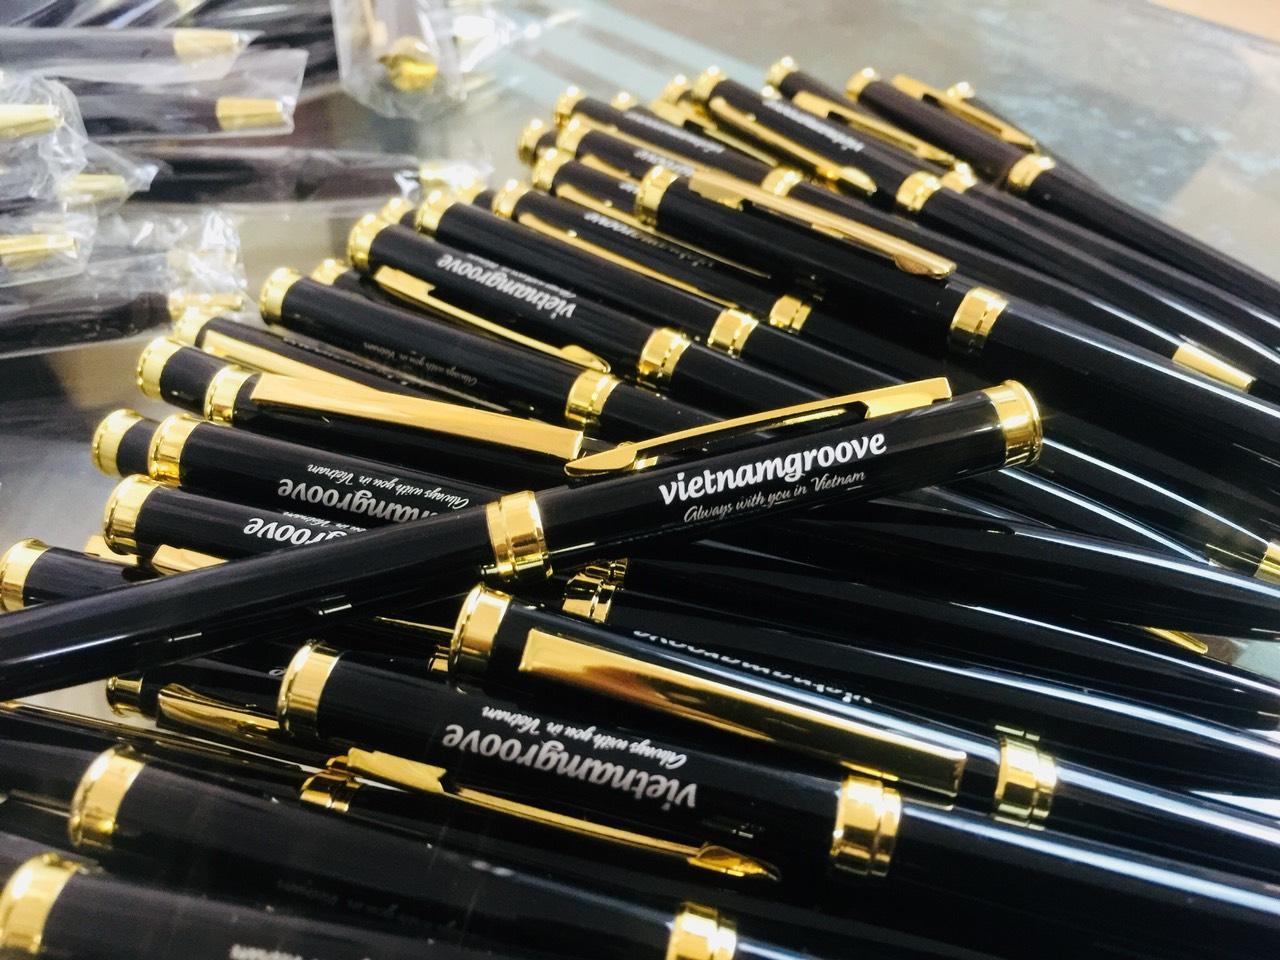 Bút kim loại BK191 khắc logo tên doanh nghiệp Vietnamgroove